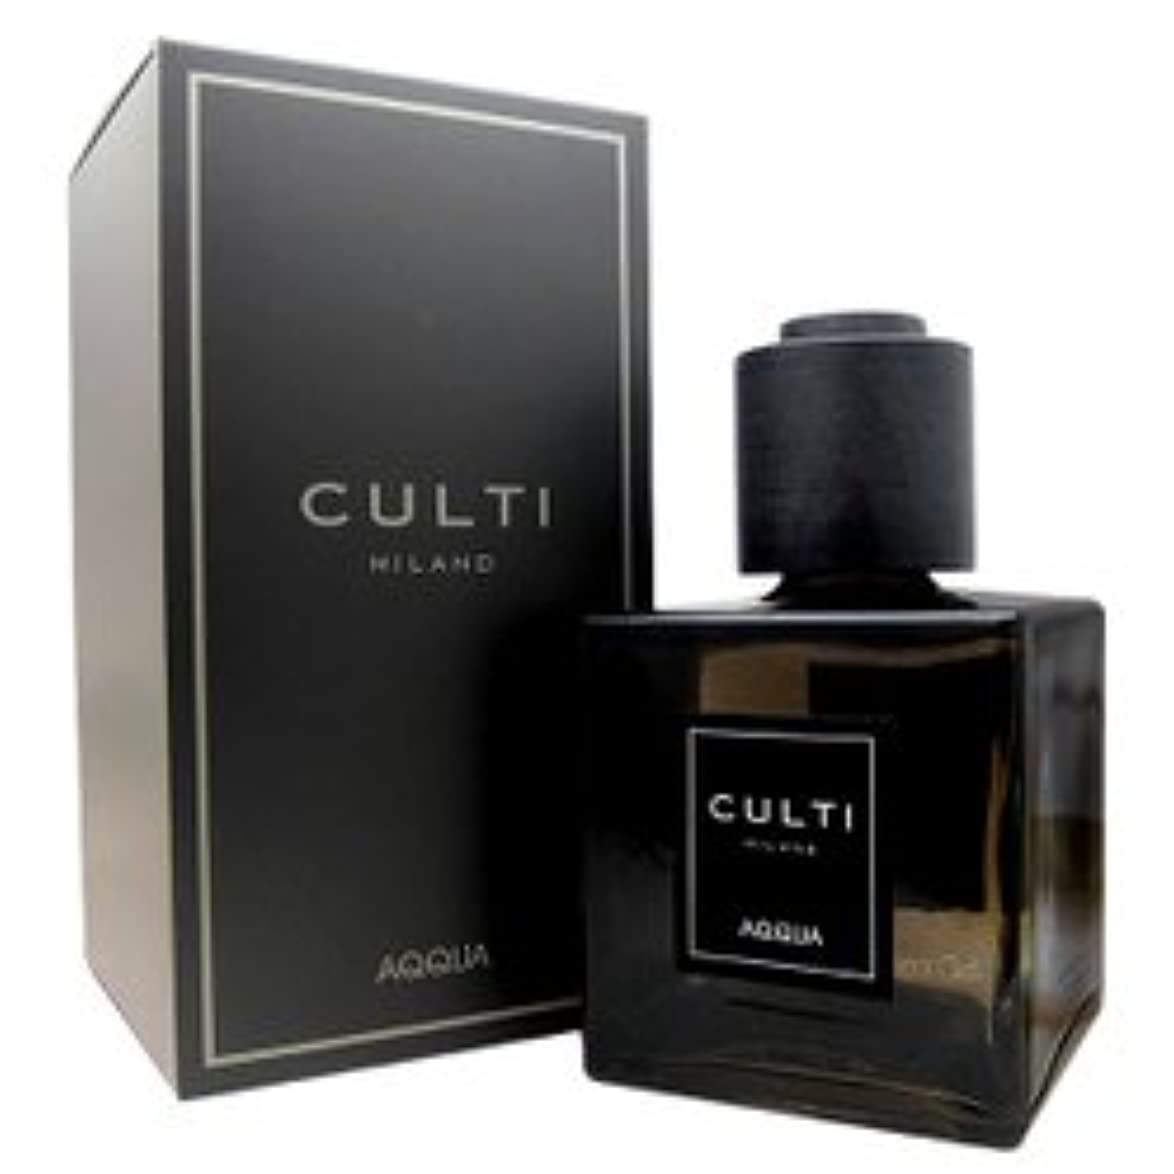 処方省略するマニア【CULTI】クルティ デコールクラシック AQQUA 250ml [並行輸入品]